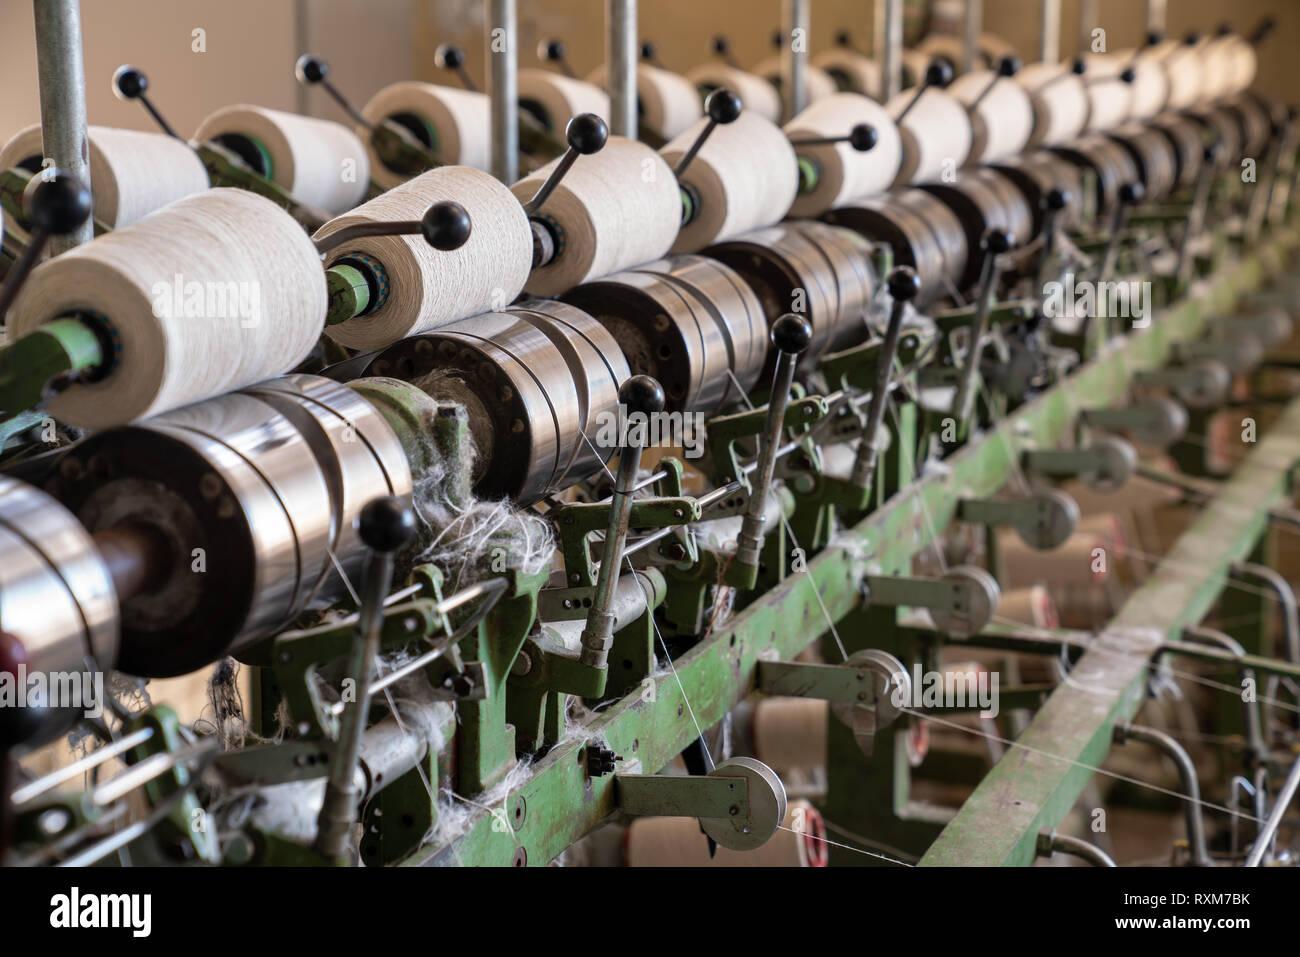 Interno della fabbrica tessile. Produzione di filati.concetto industriale. Foto Stock